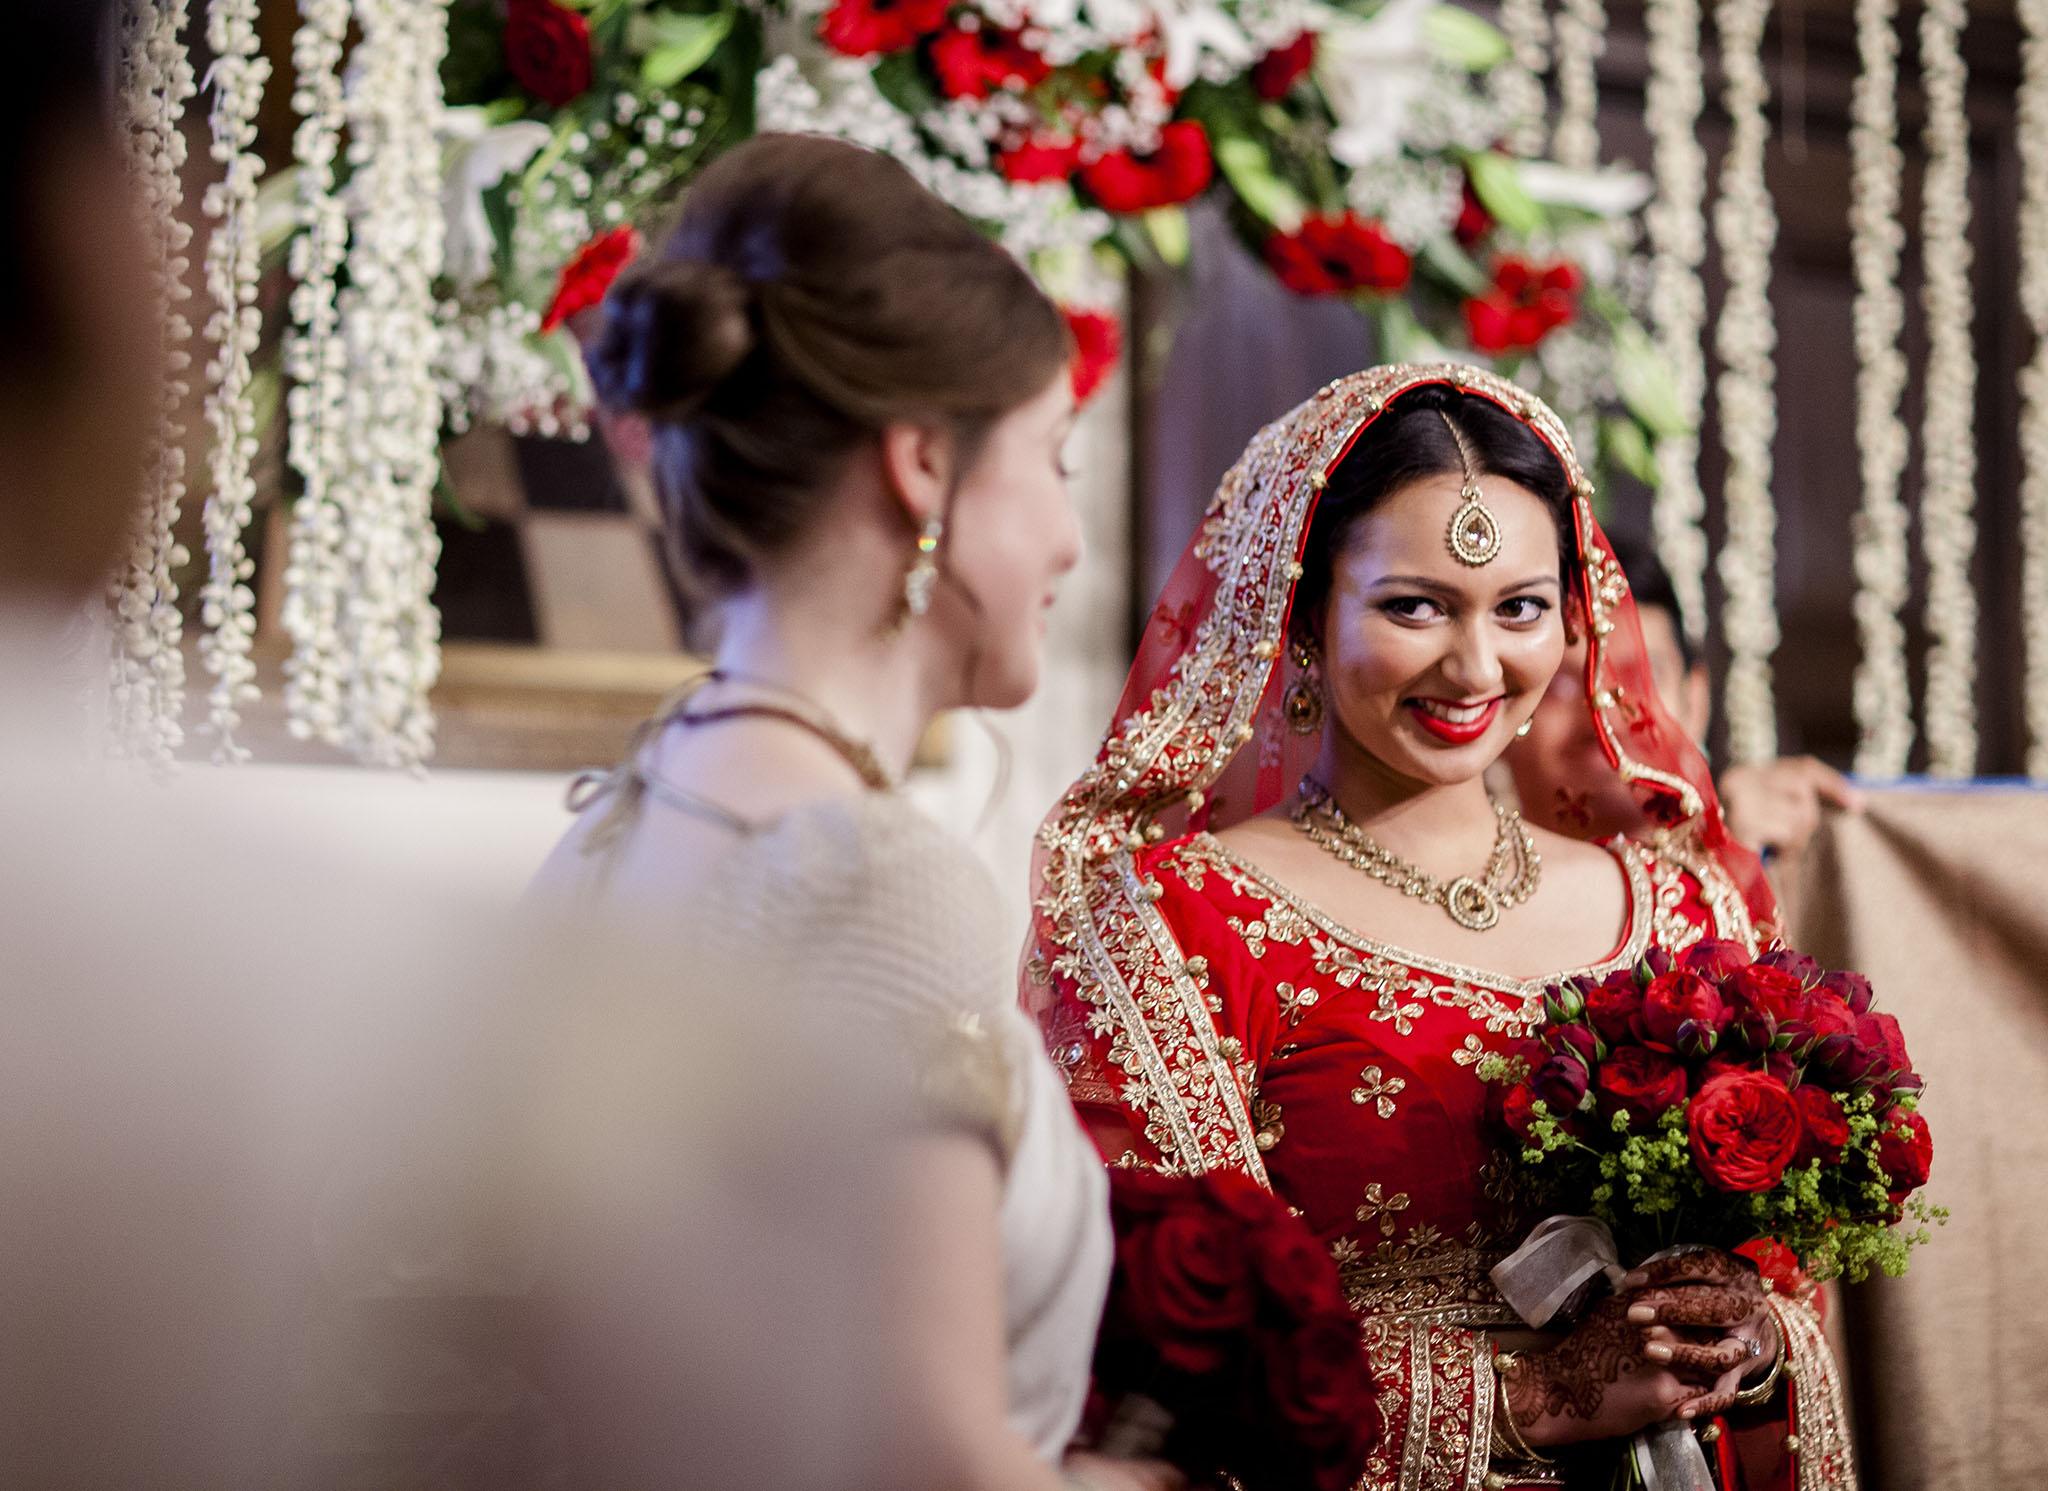 elizabethgphotography_kingslangley_hertfordshire_fineart_indian_wedding_photography_bhavesh_kundalata_bhaktivedanta_manor_watford_jpg18.jpg